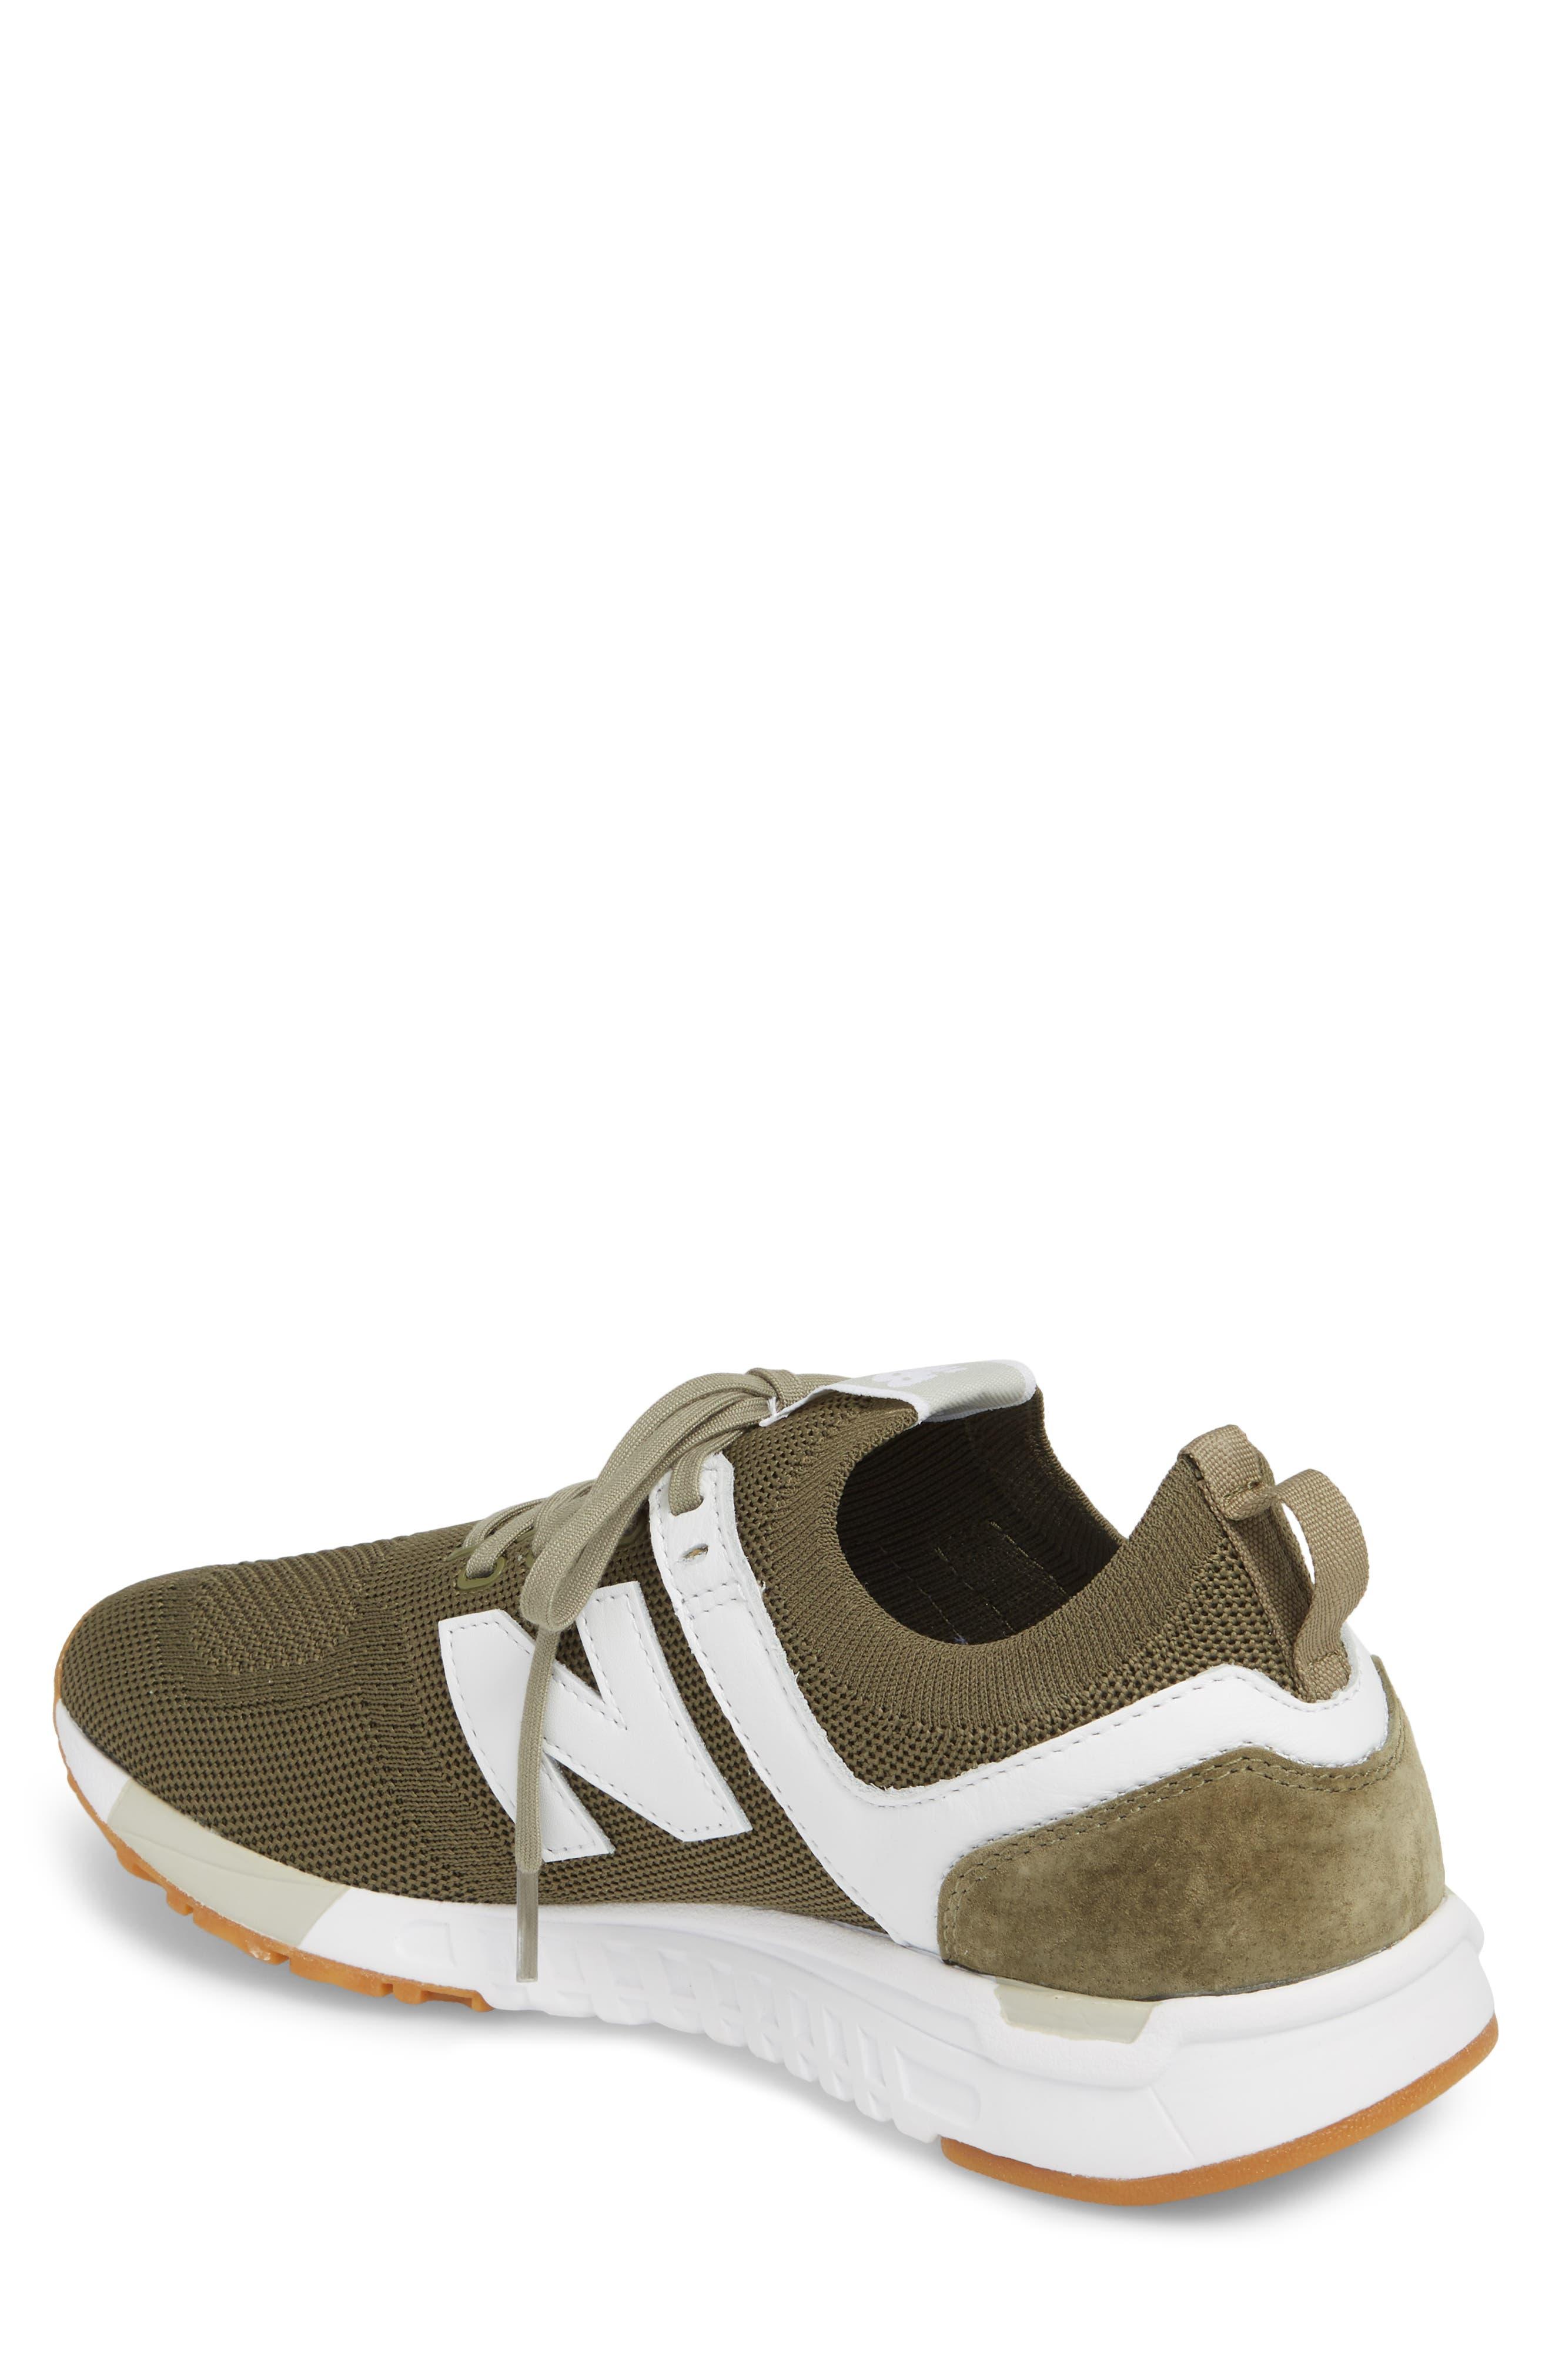 247 Decon Sneaker,                             Alternate thumbnail 2, color,                             COVERT GREEN